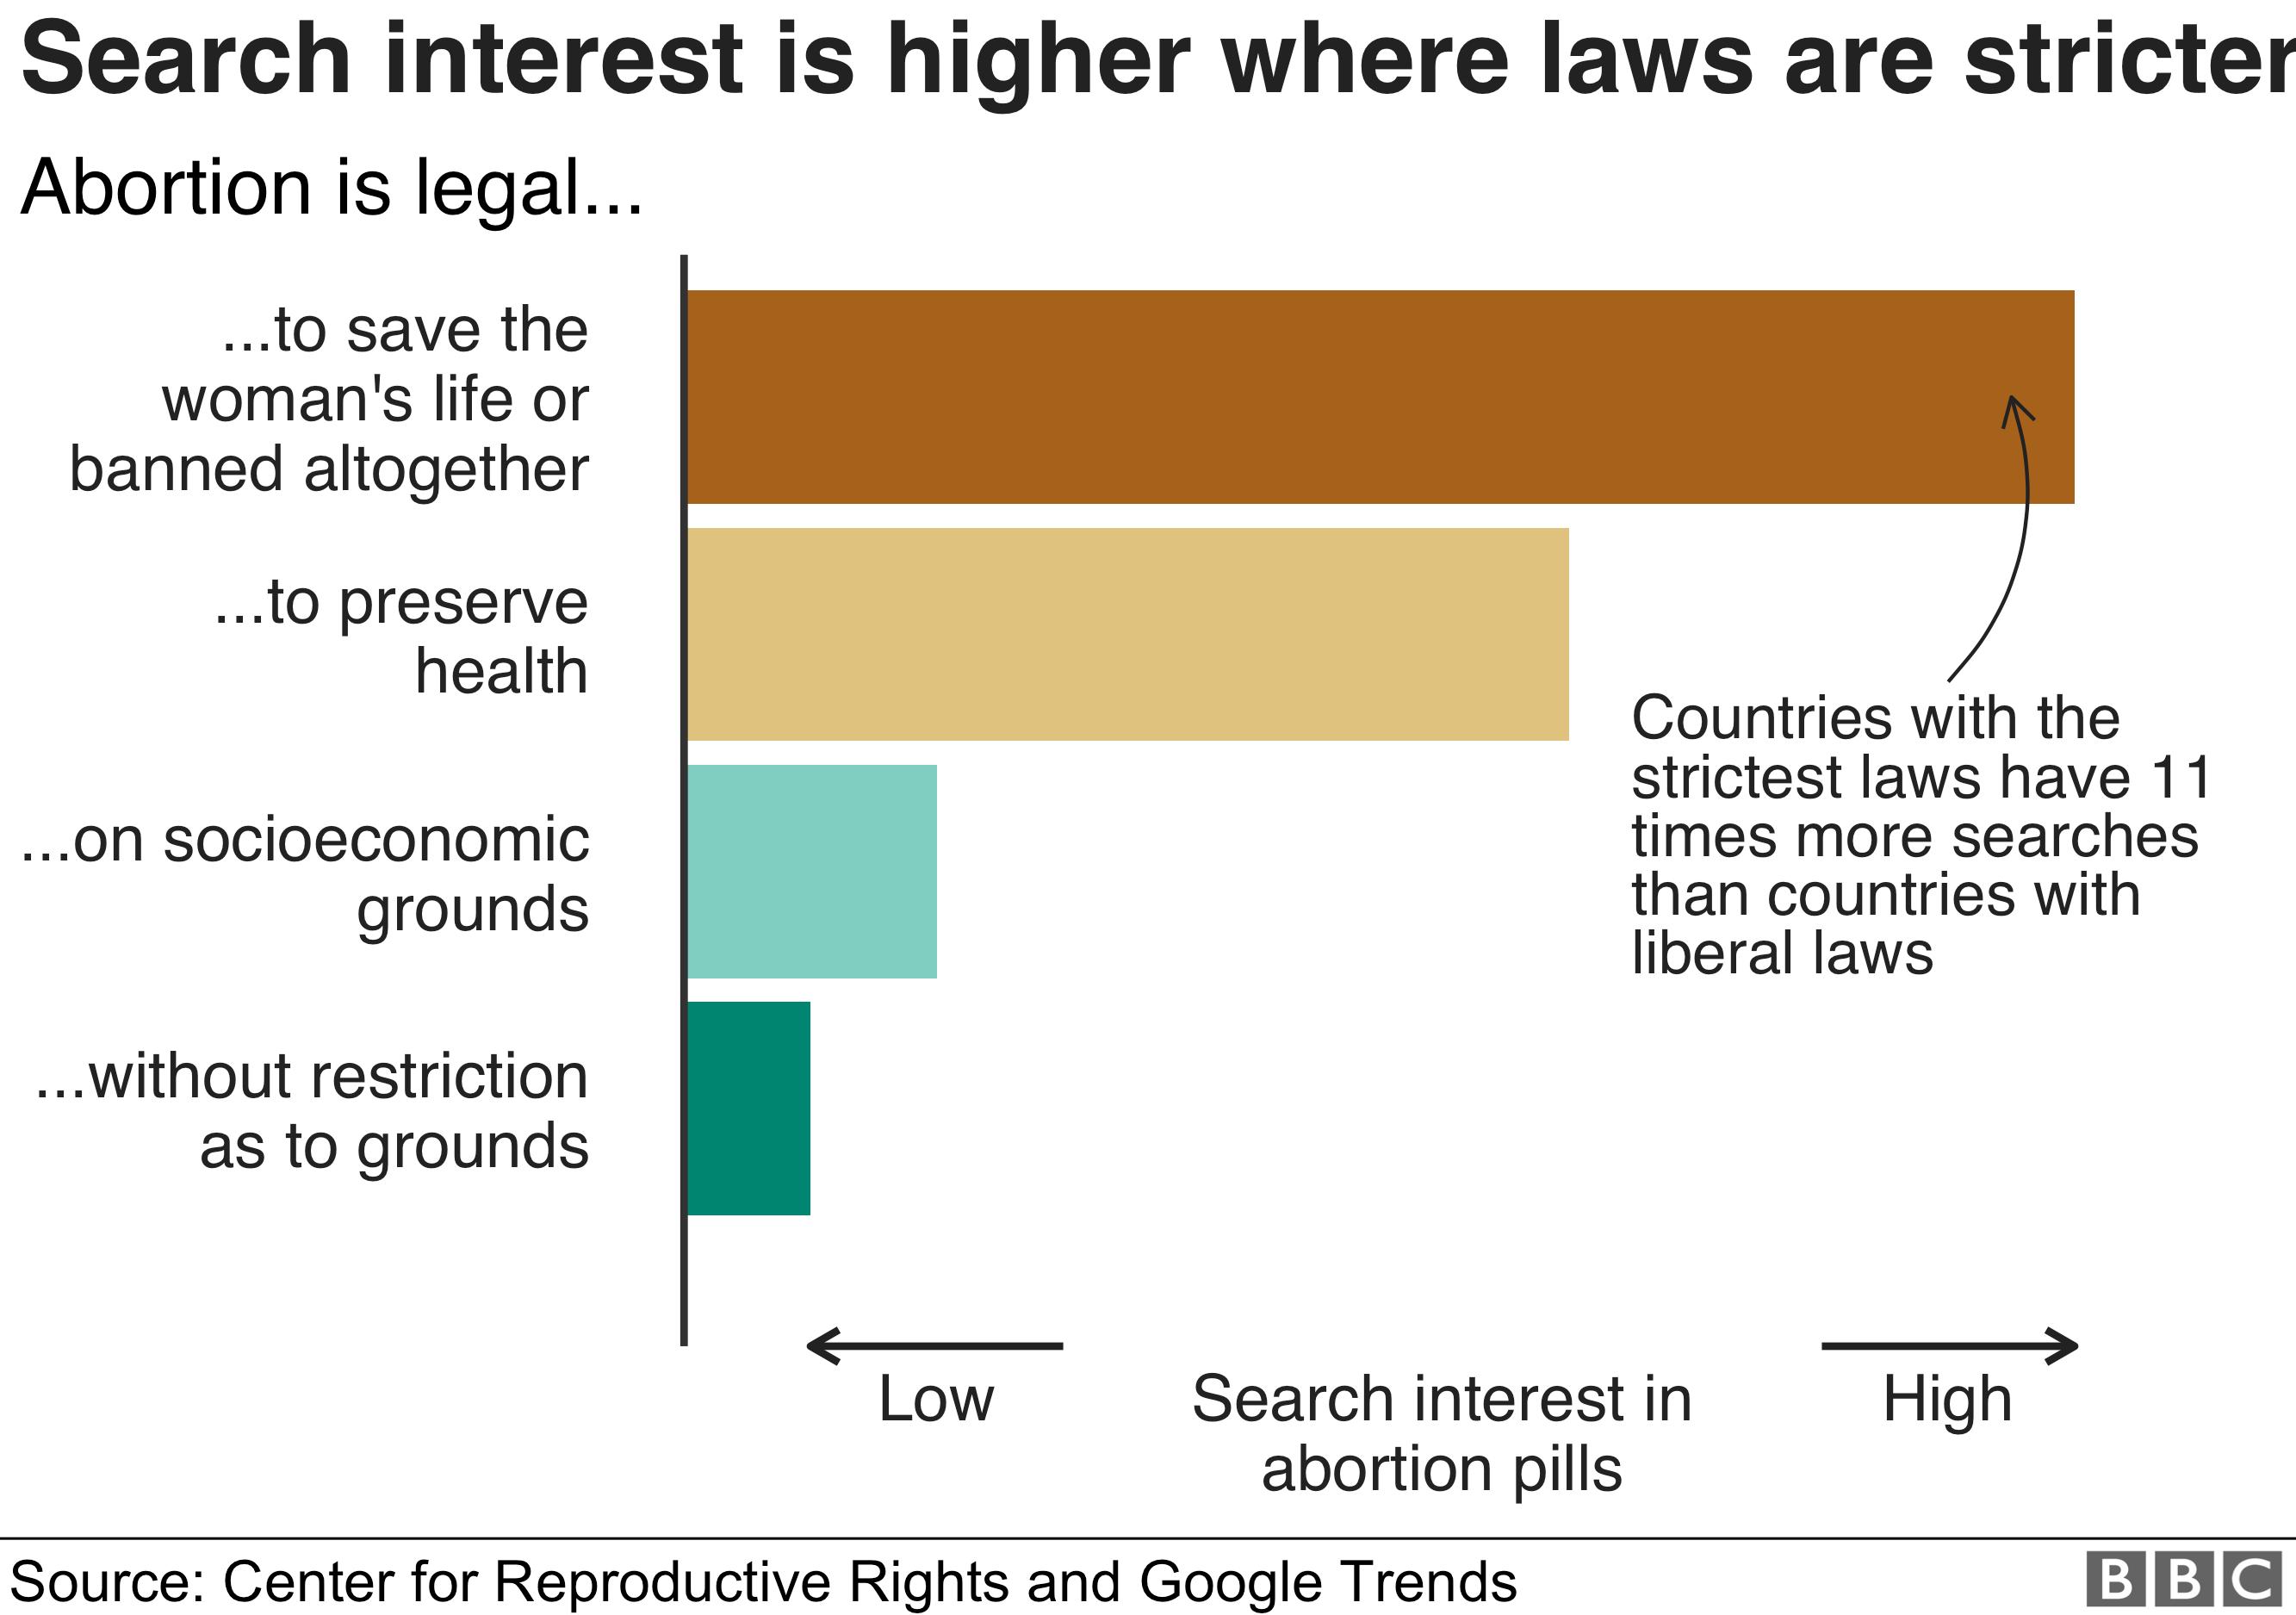 Диаграмма: Интерес к поиску выше там, где законы строже